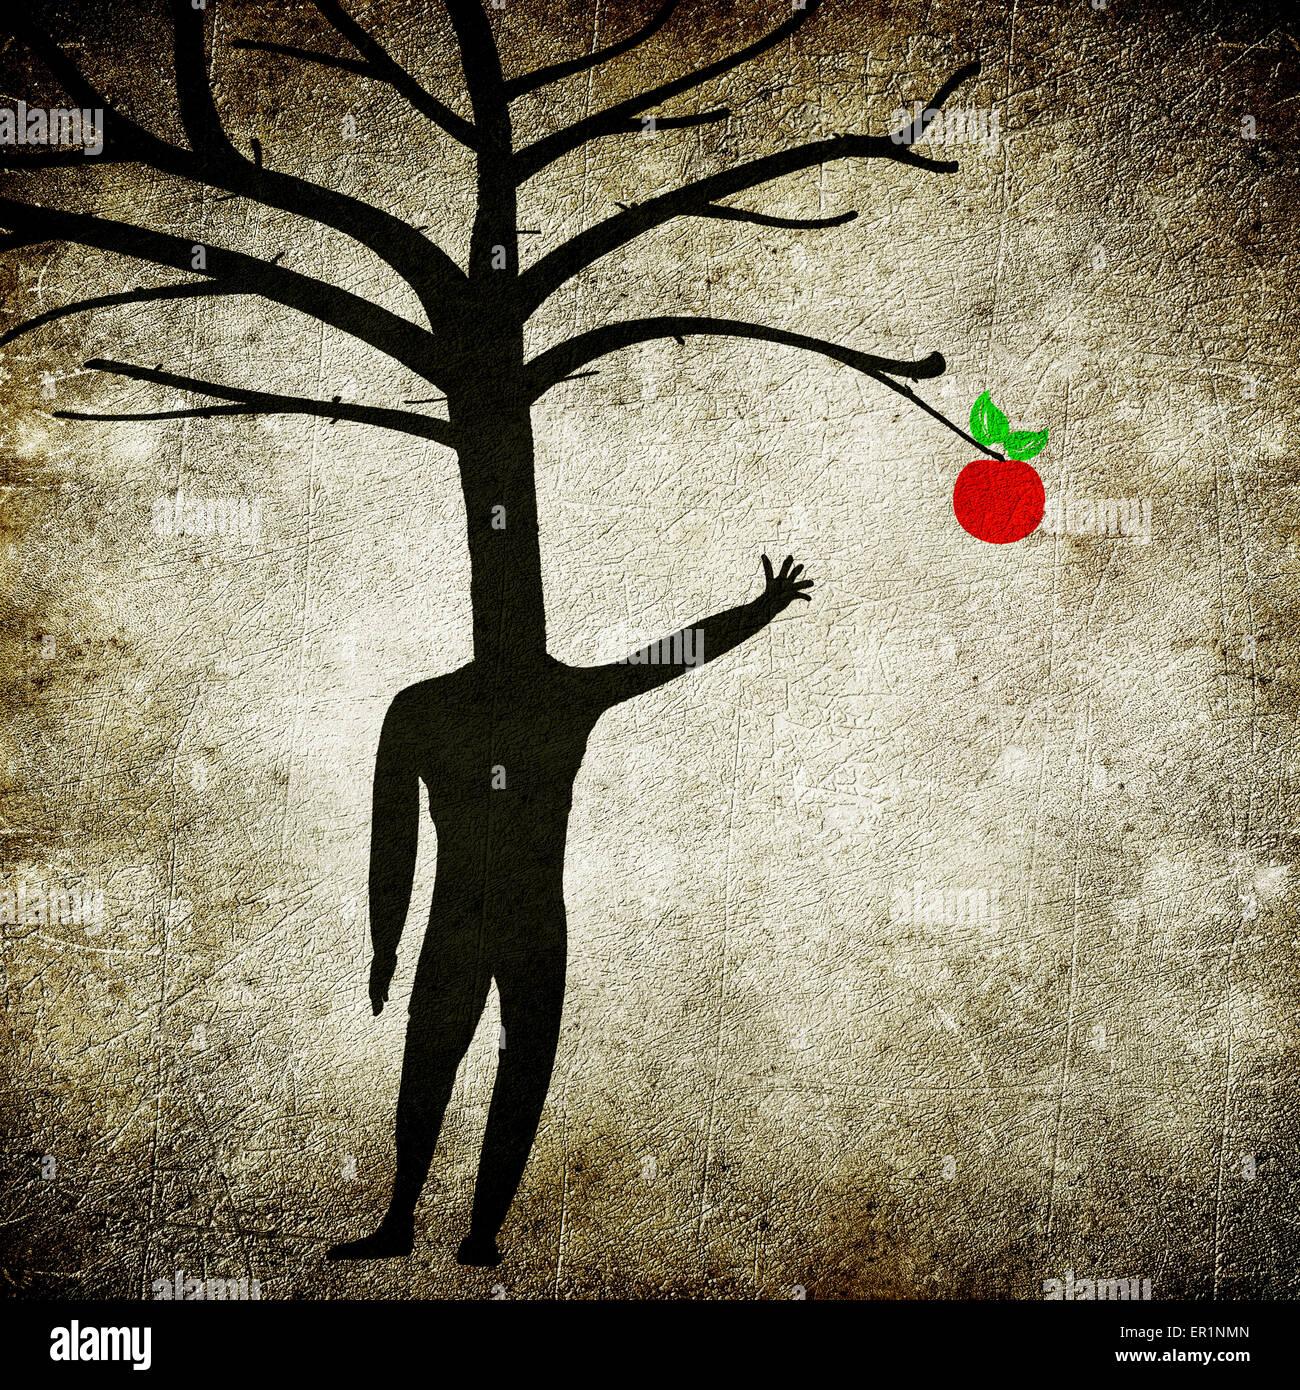 Geisteskrankheit Konzept digitale Illustration mit Mann Baum und Apfel Stockbild